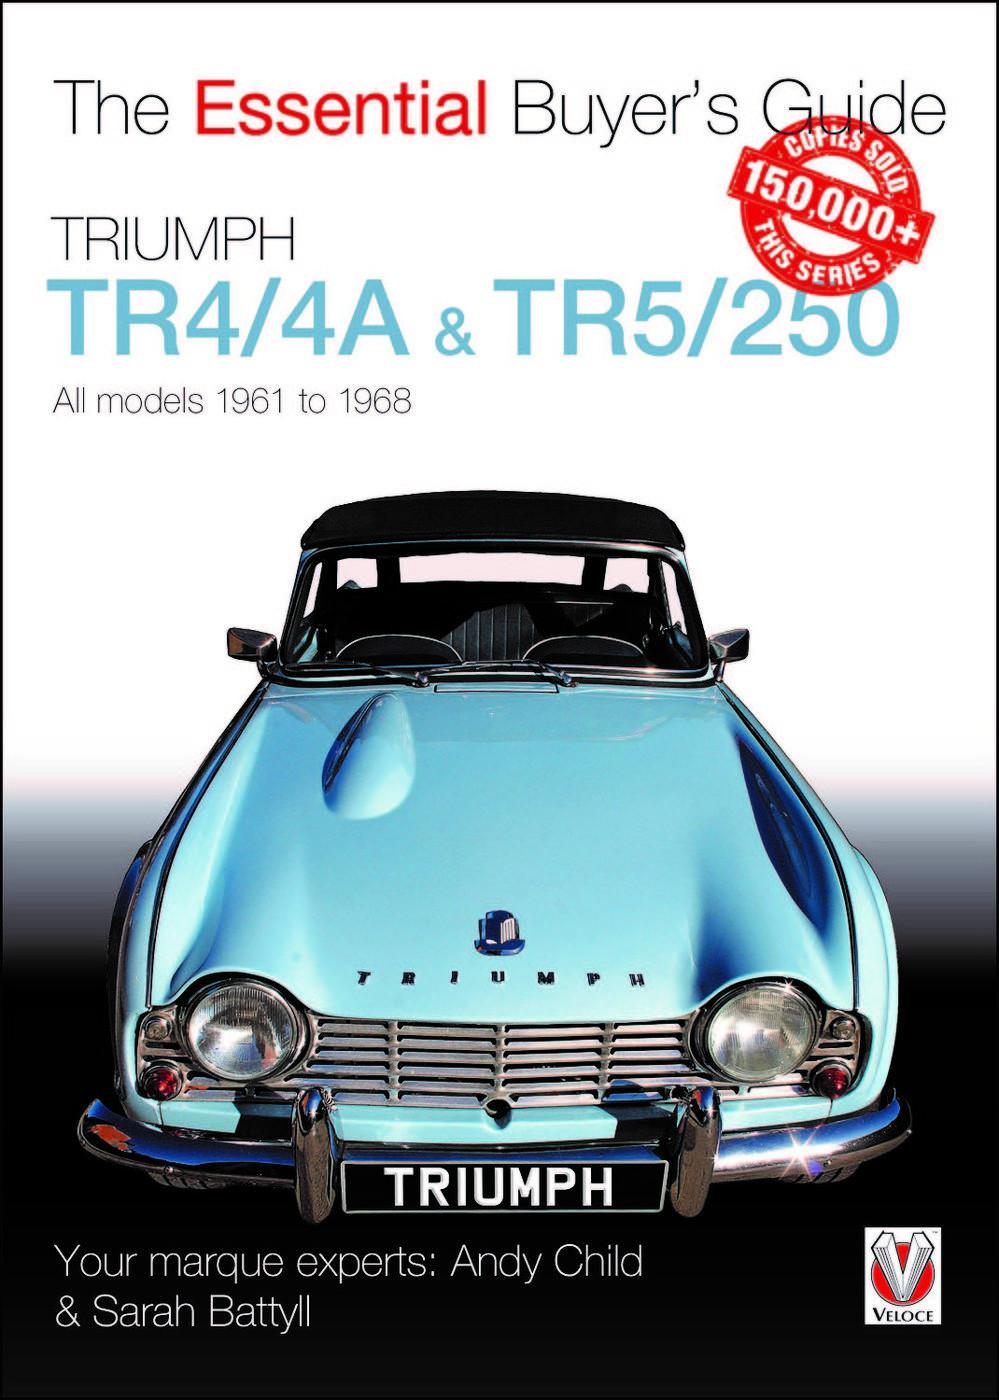 Triumph TR4/4A & TR5/250